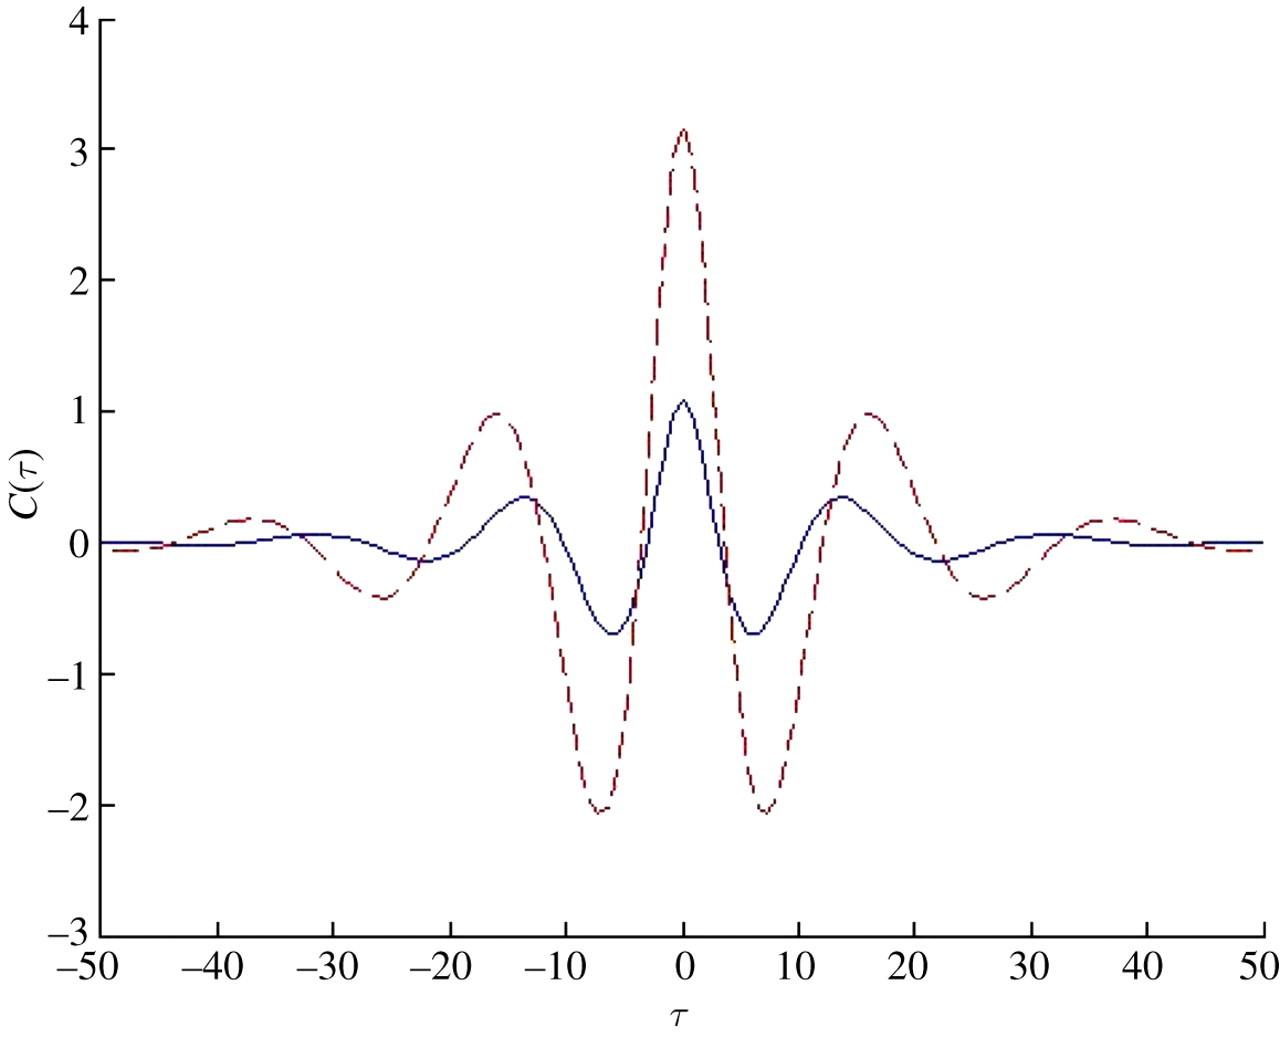 Karhunen–Loeve representation of stochastic ocean waves